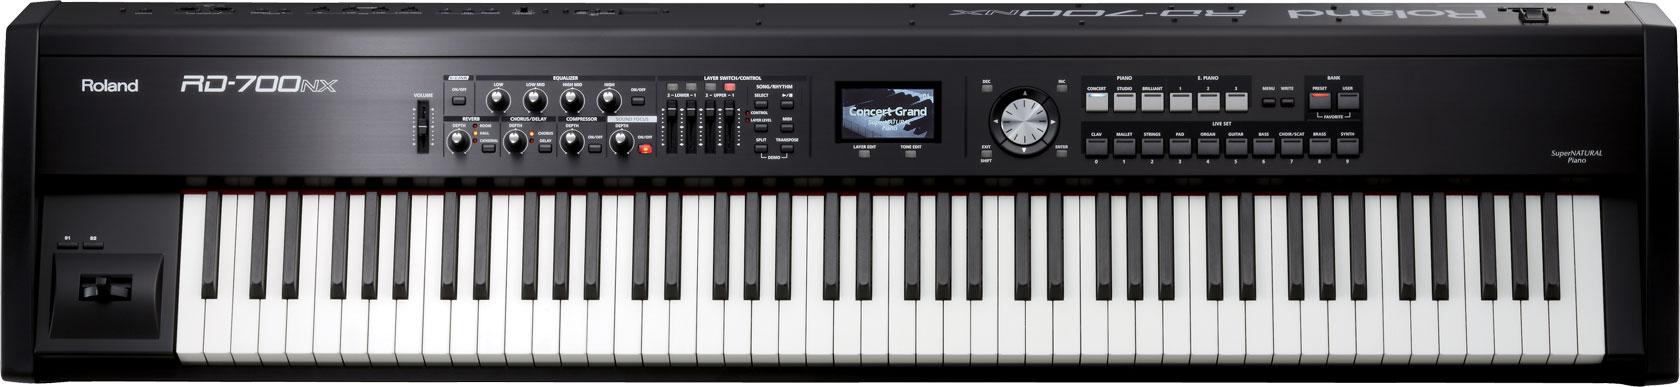 roland rd 700nx digital piano rh roland com roland rd 700nx review roland rd 700nx review